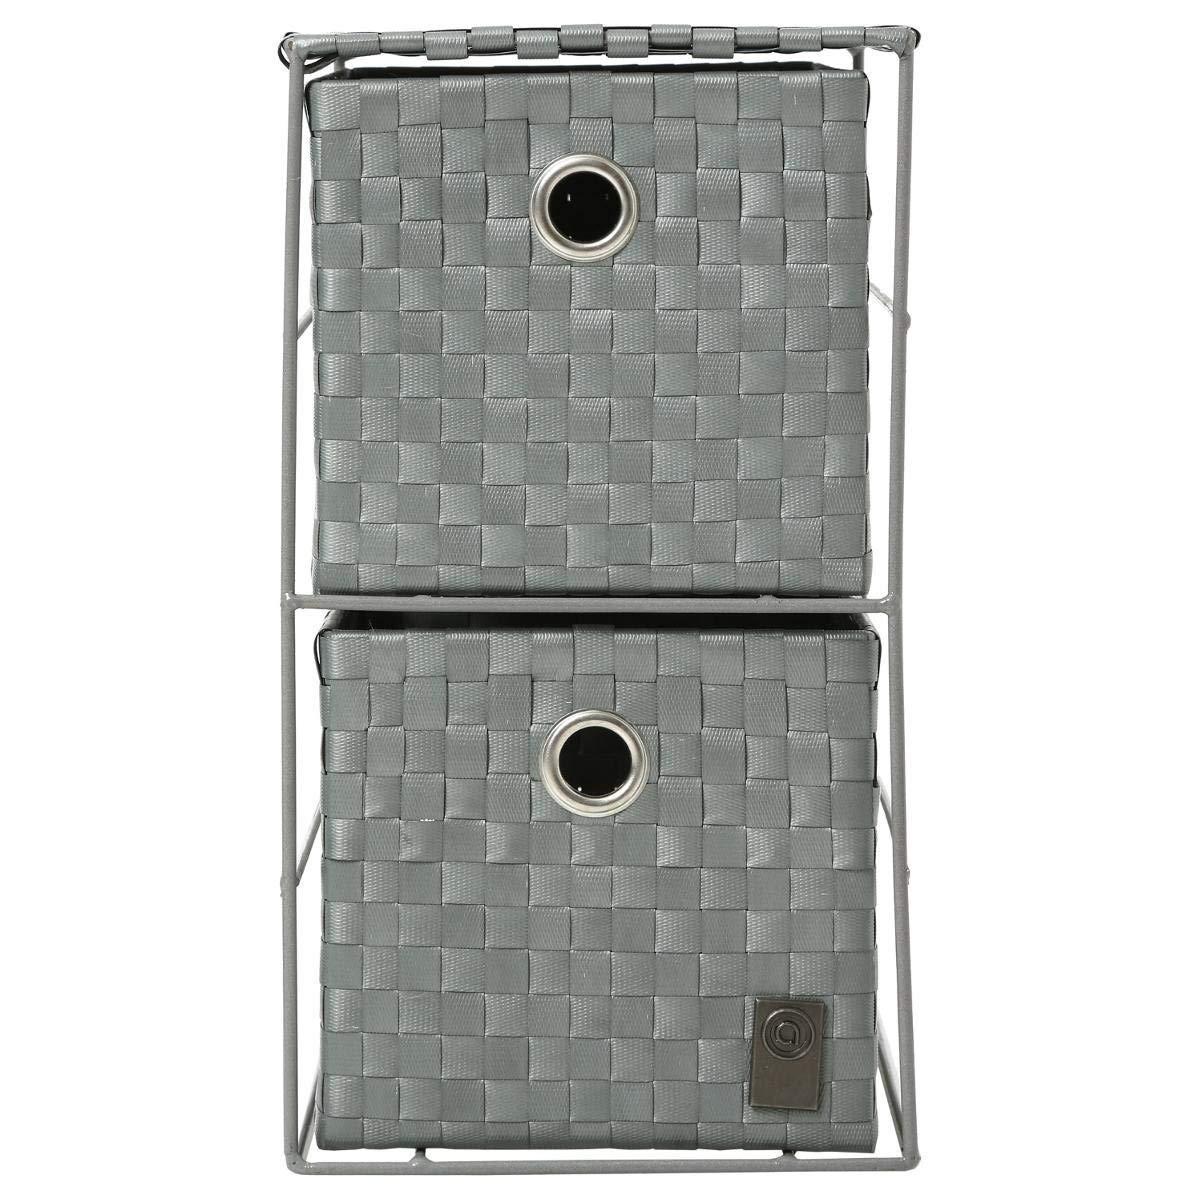 almacenaje de estanter/ías de acero galvanizado tipo industrial urbano Kirhov